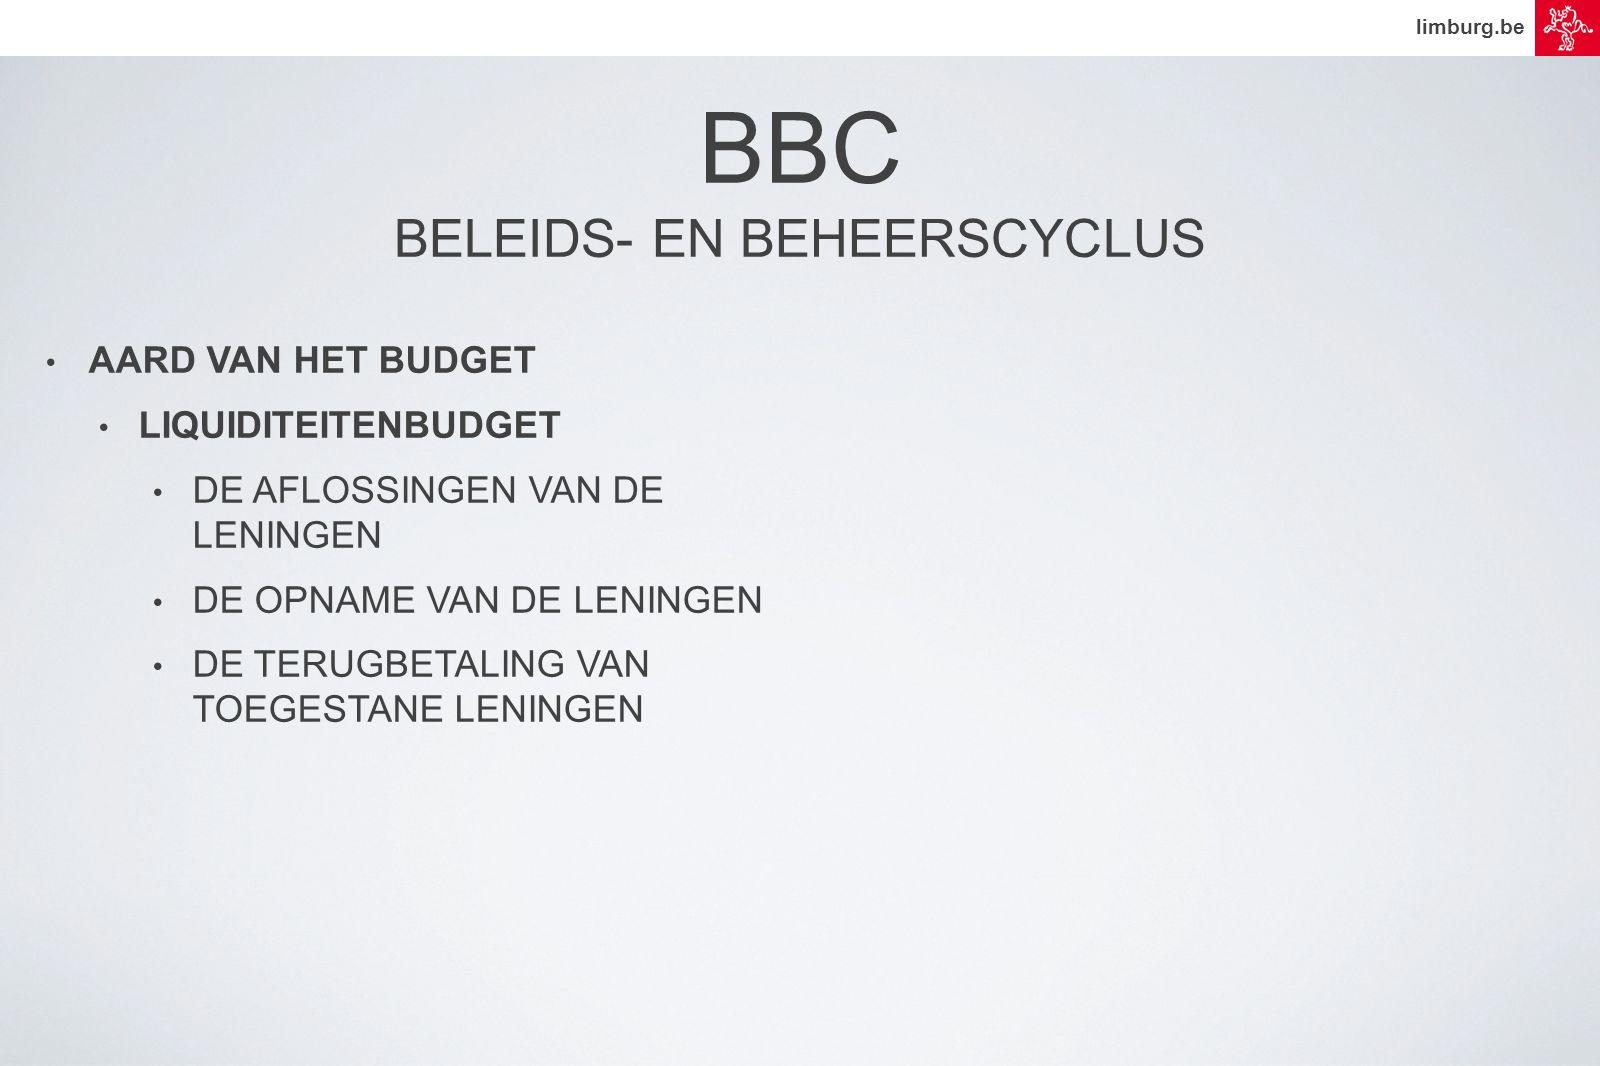 limburg.be • AARD VAN HET BUDGET • LIQUIDITEITENBUDGET • DE AFLOSSINGEN VAN DE LENINGEN • DE OPNAME VAN DE LENINGEN • DE TERUGBETALING VAN TOEGESTANE LENINGEN BBC BELEIDS- EN BEHEERSCYCLUS